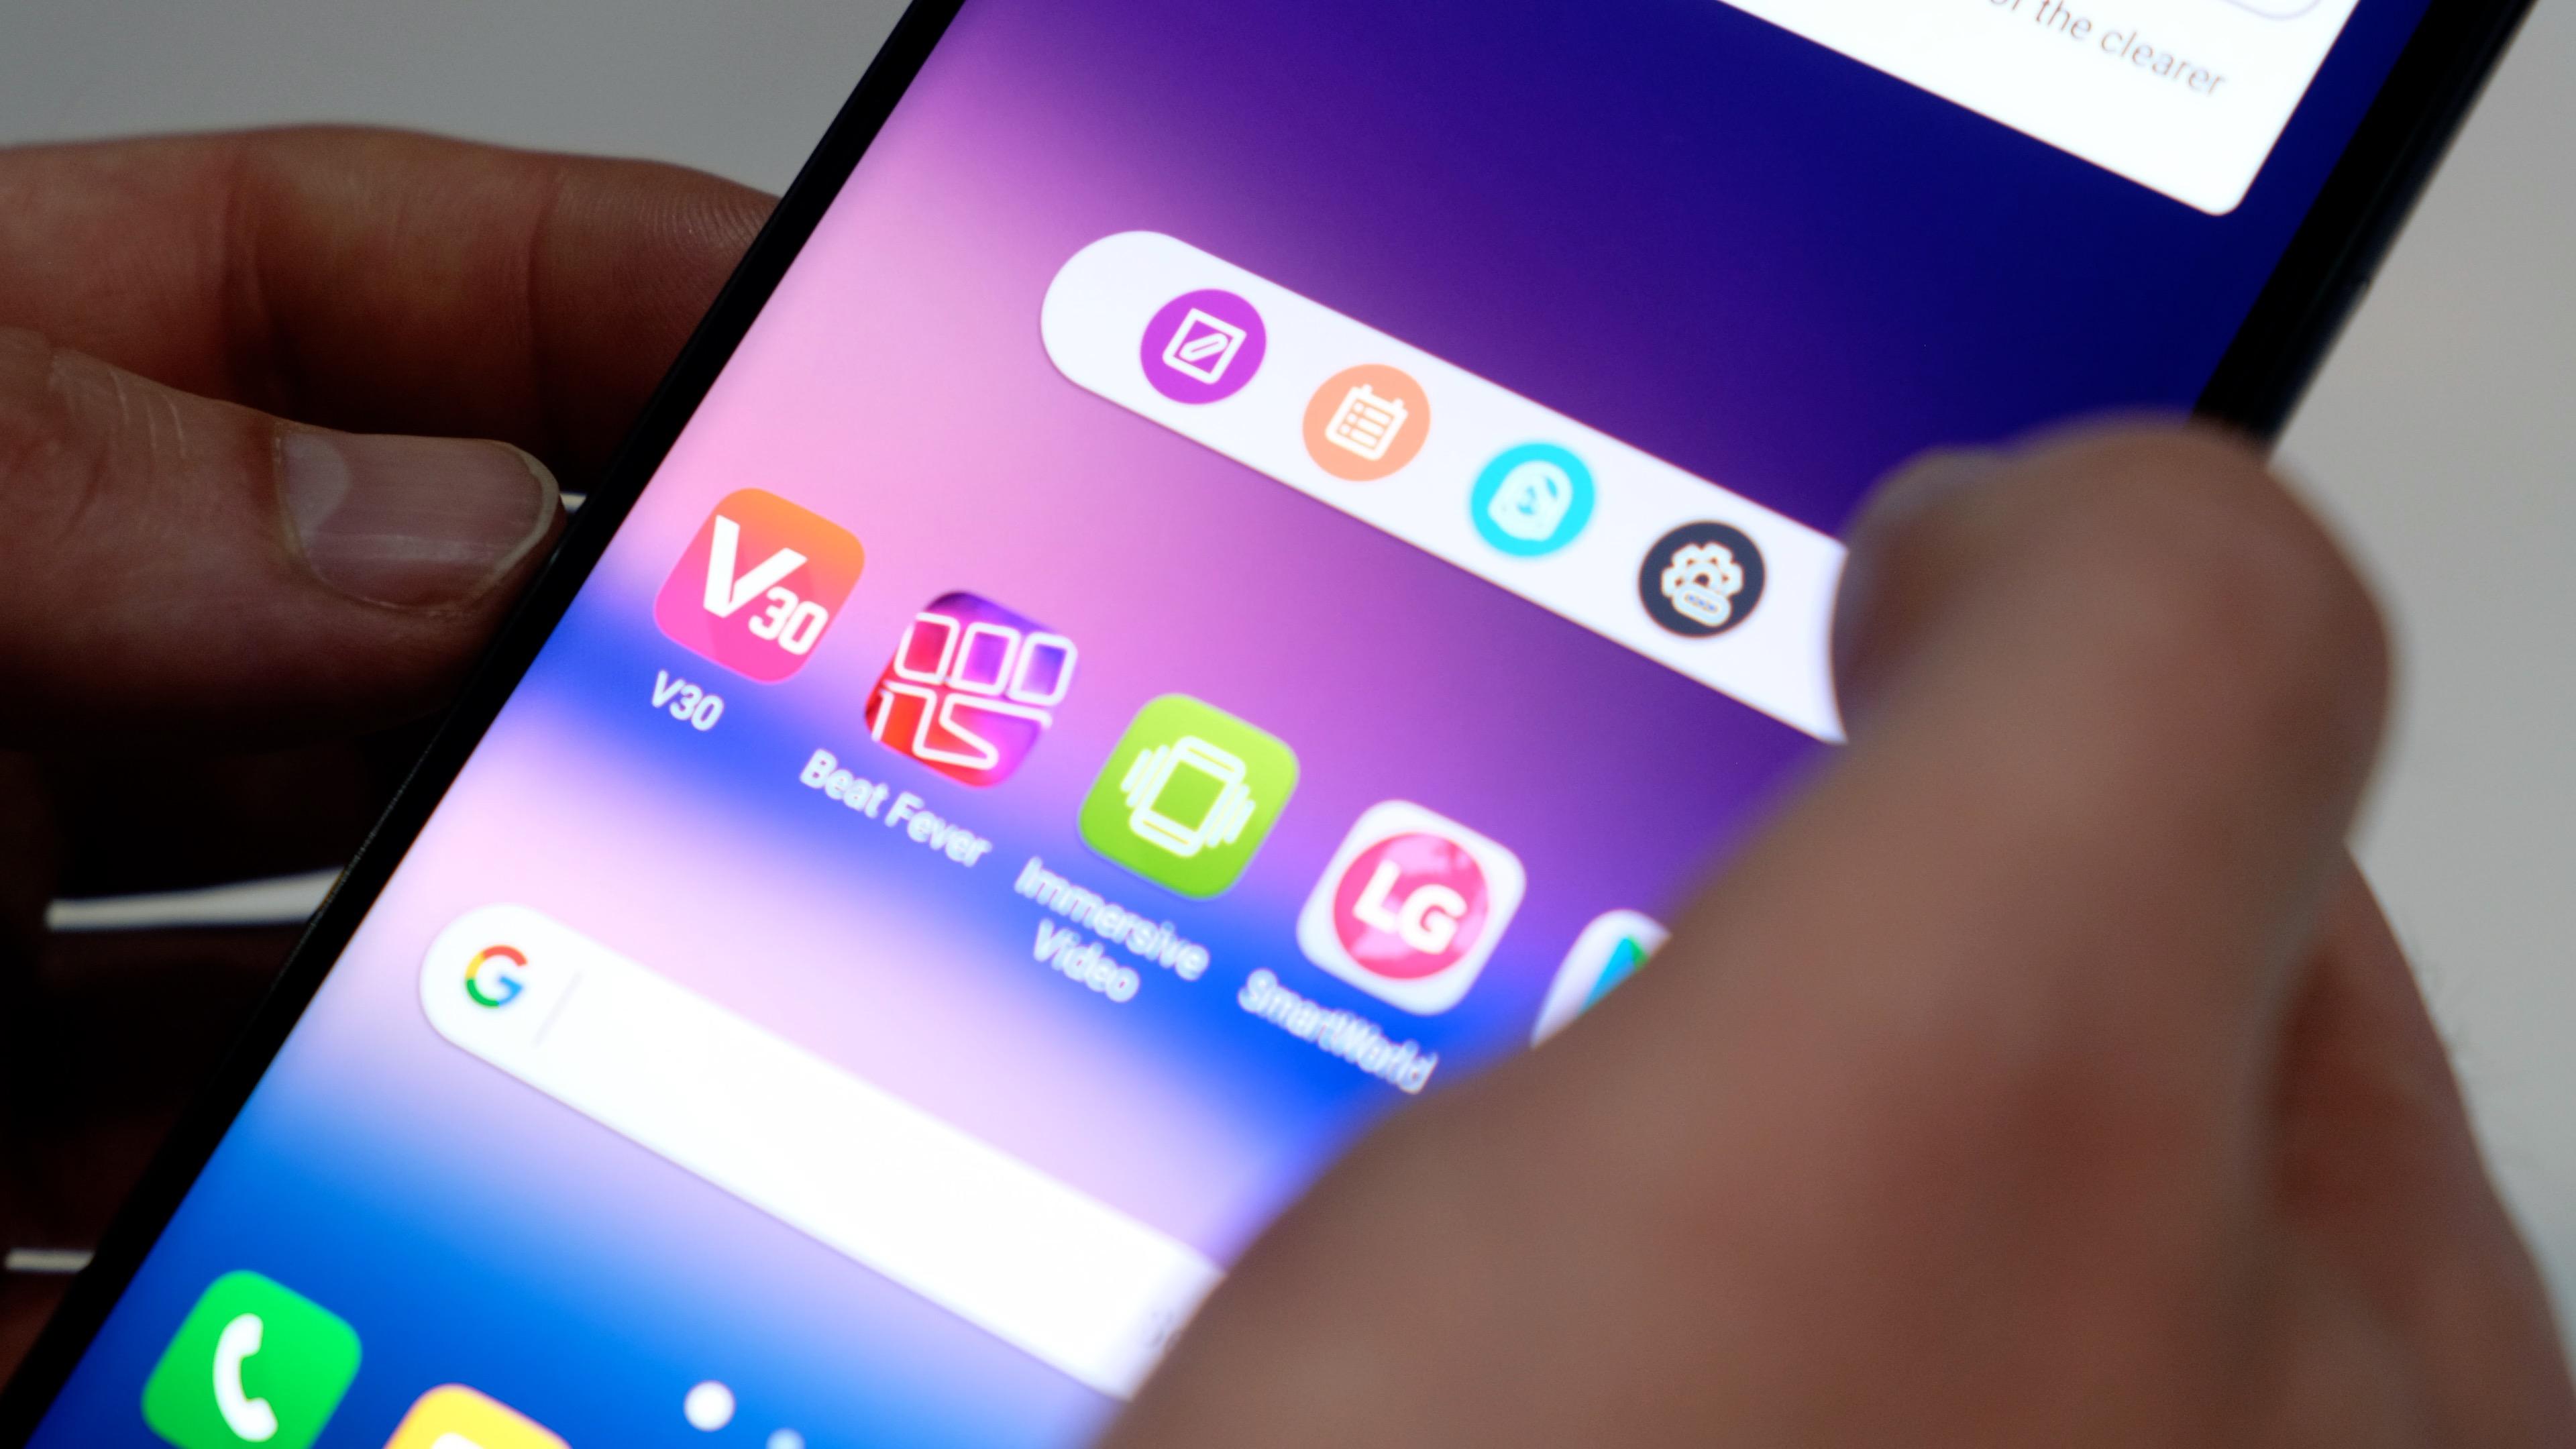 Smartphone: LG bringt V30 für 900 Euro auf den Markt - LG setzt beim V30 auf eine Floating Bar. (Bild: Michael Wieczorek/Golem.de)